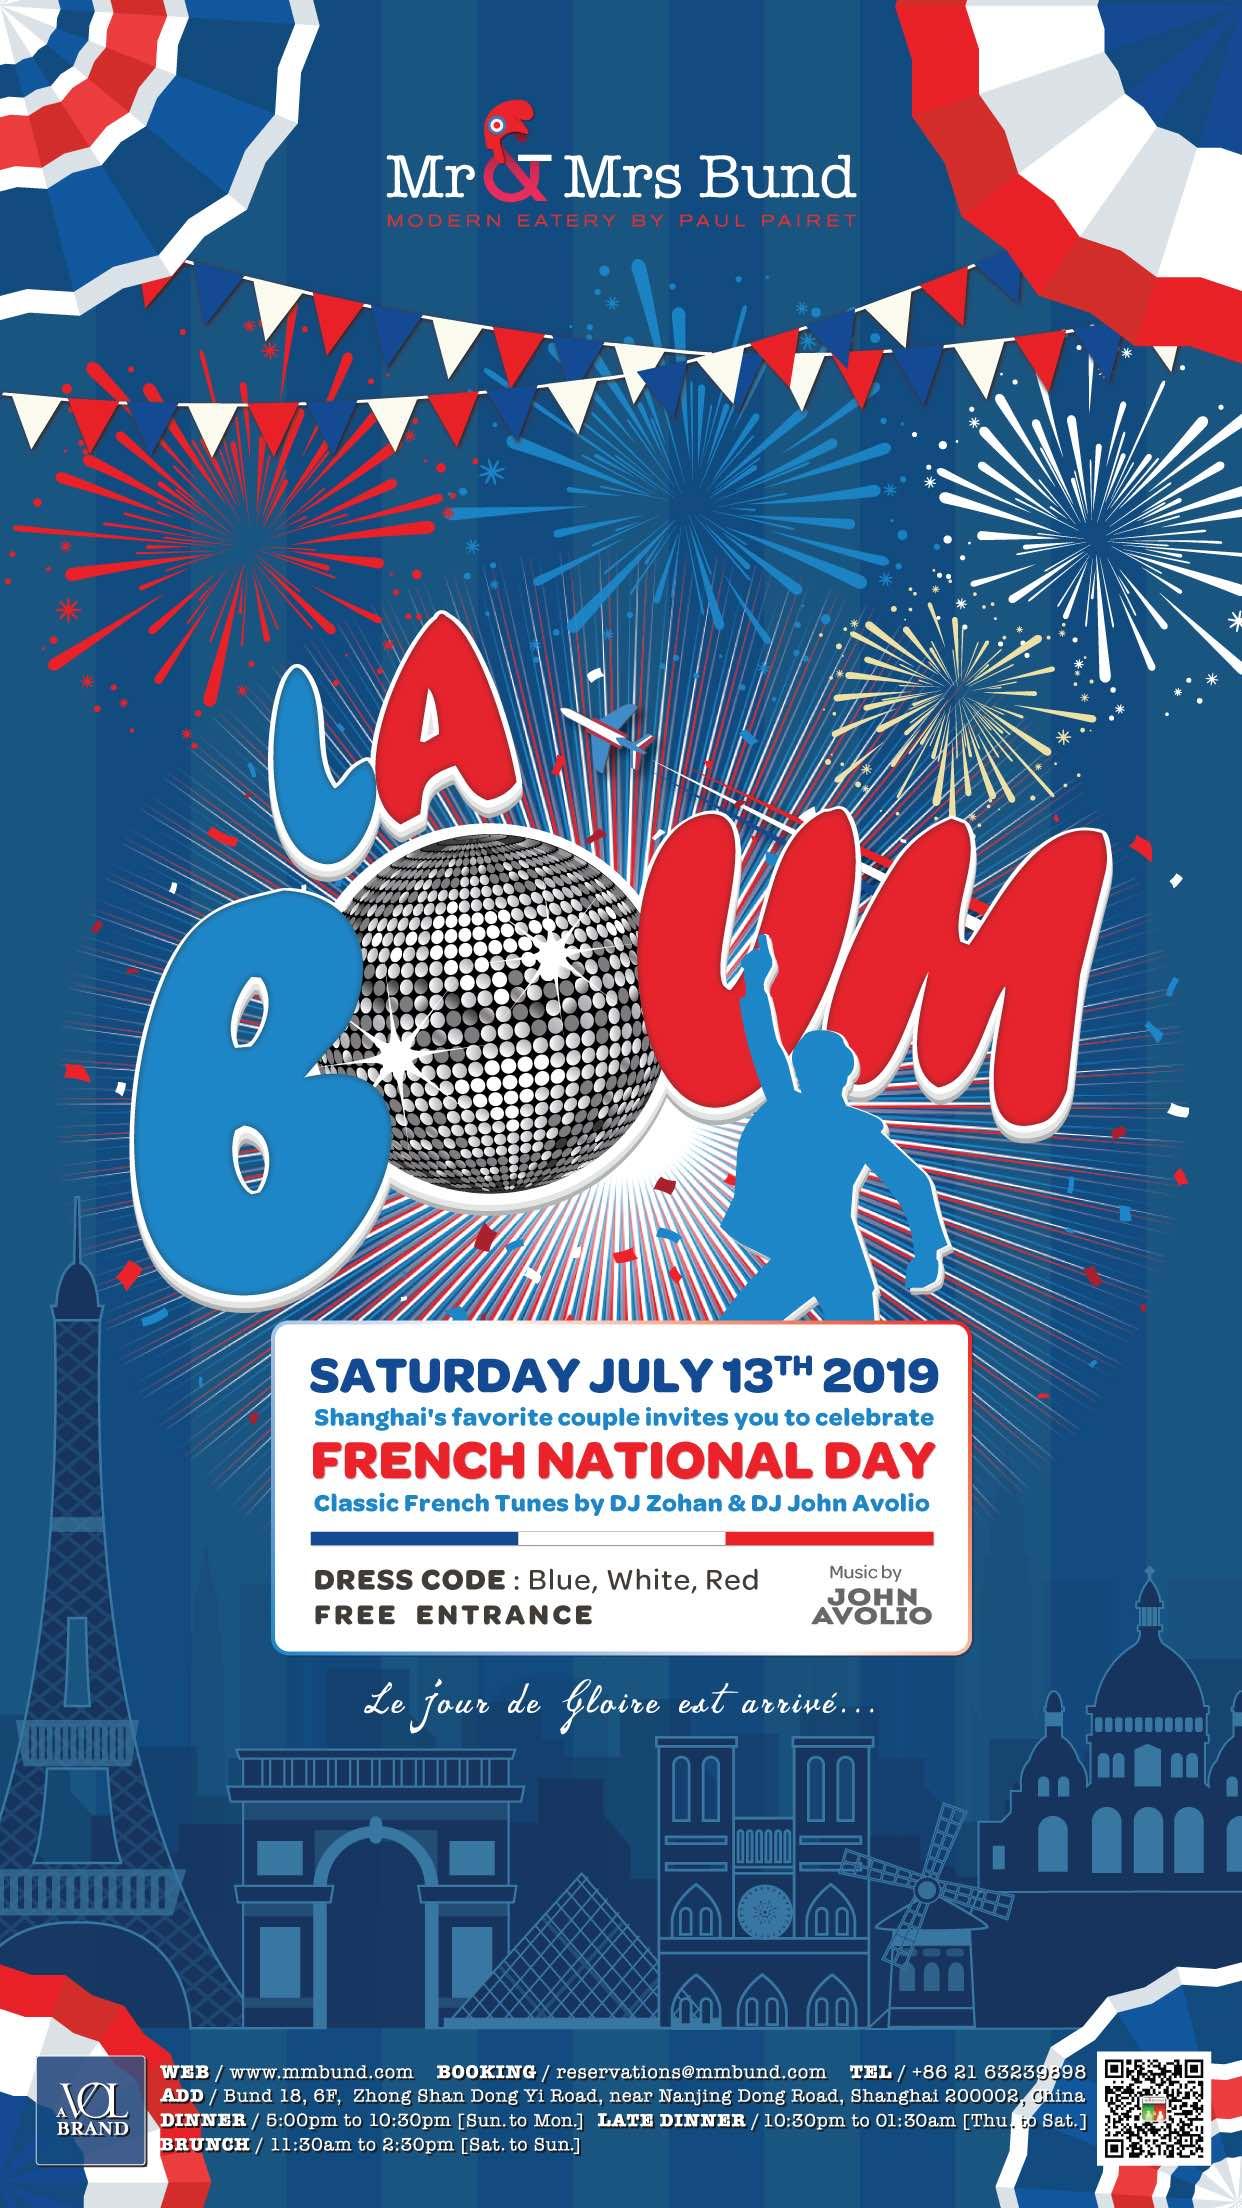 La Boum – French National Day Celebrations at Mr & Mrs Bund